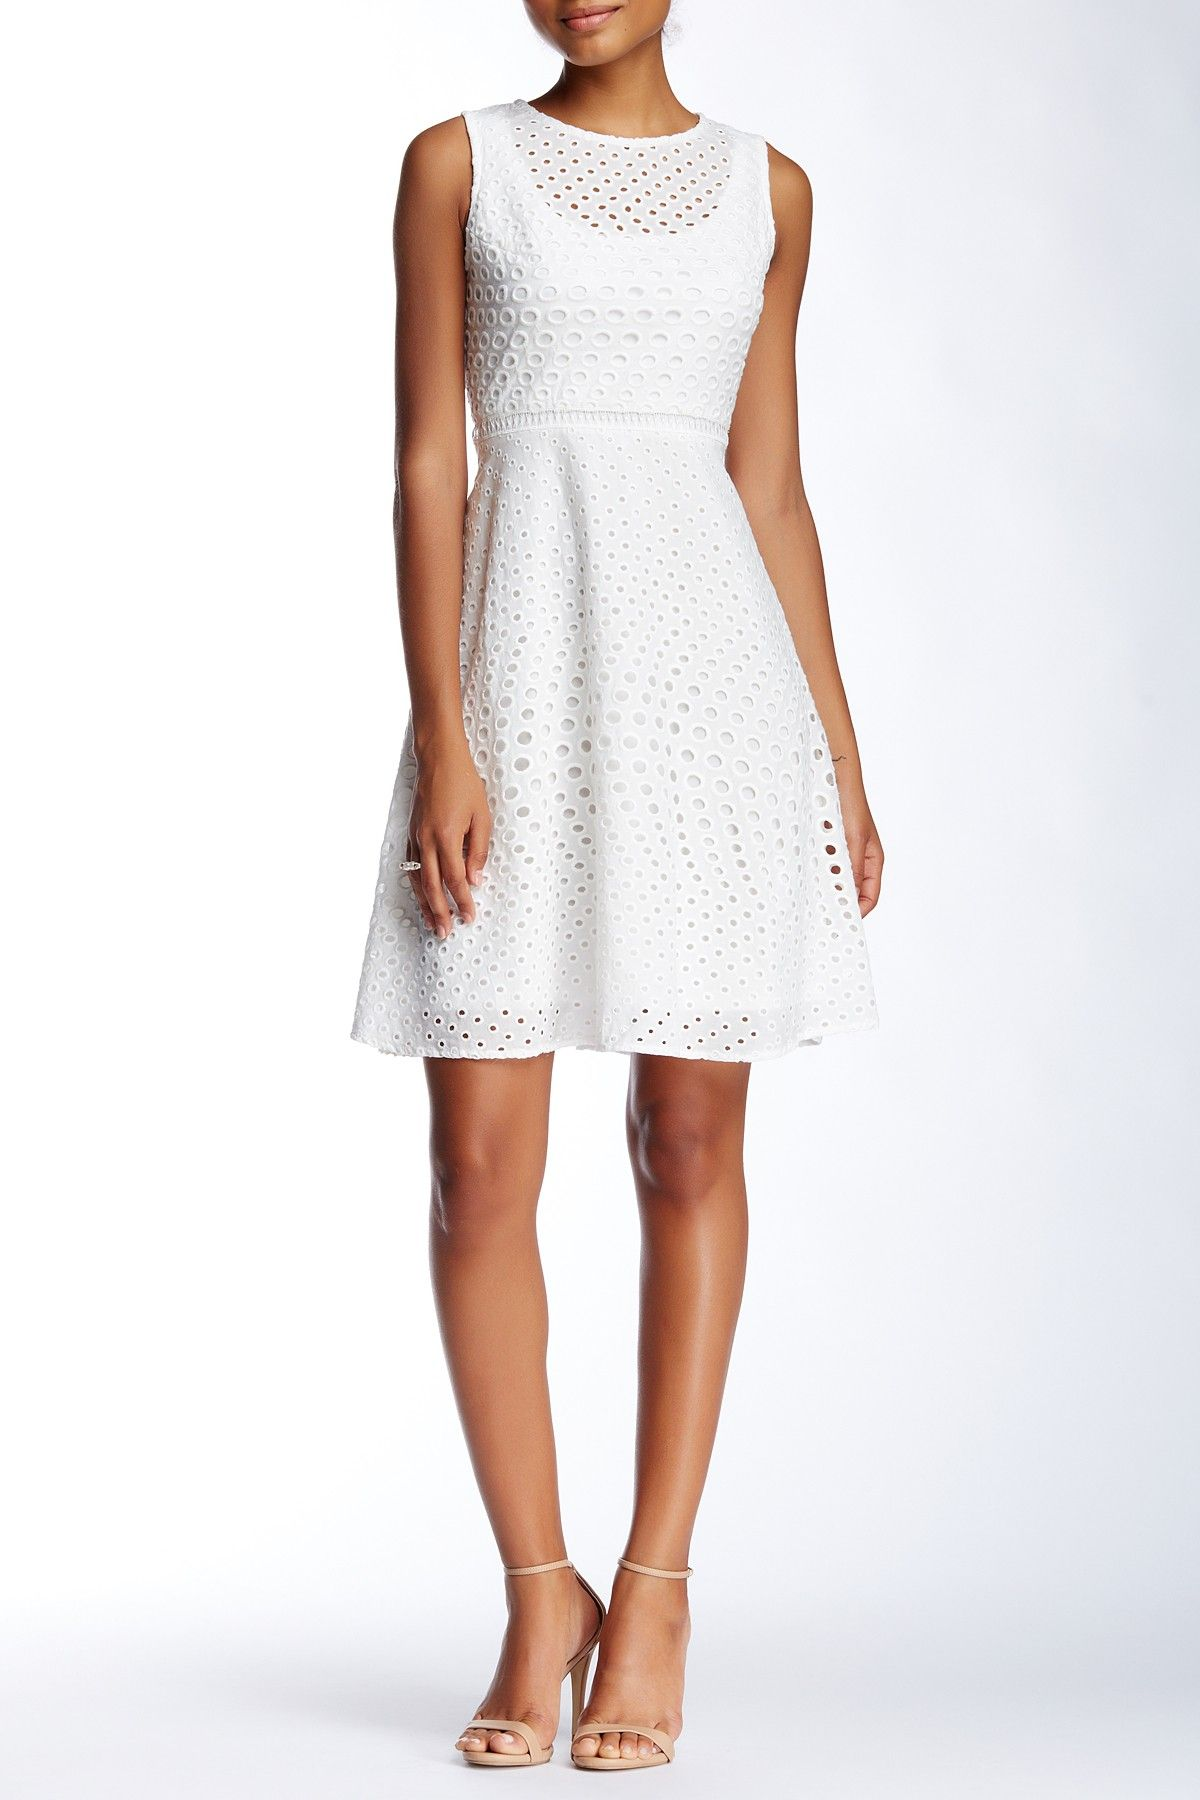 Julia Jordan   Sleeveless Eyelet Dress   Nordstrom and Shopping